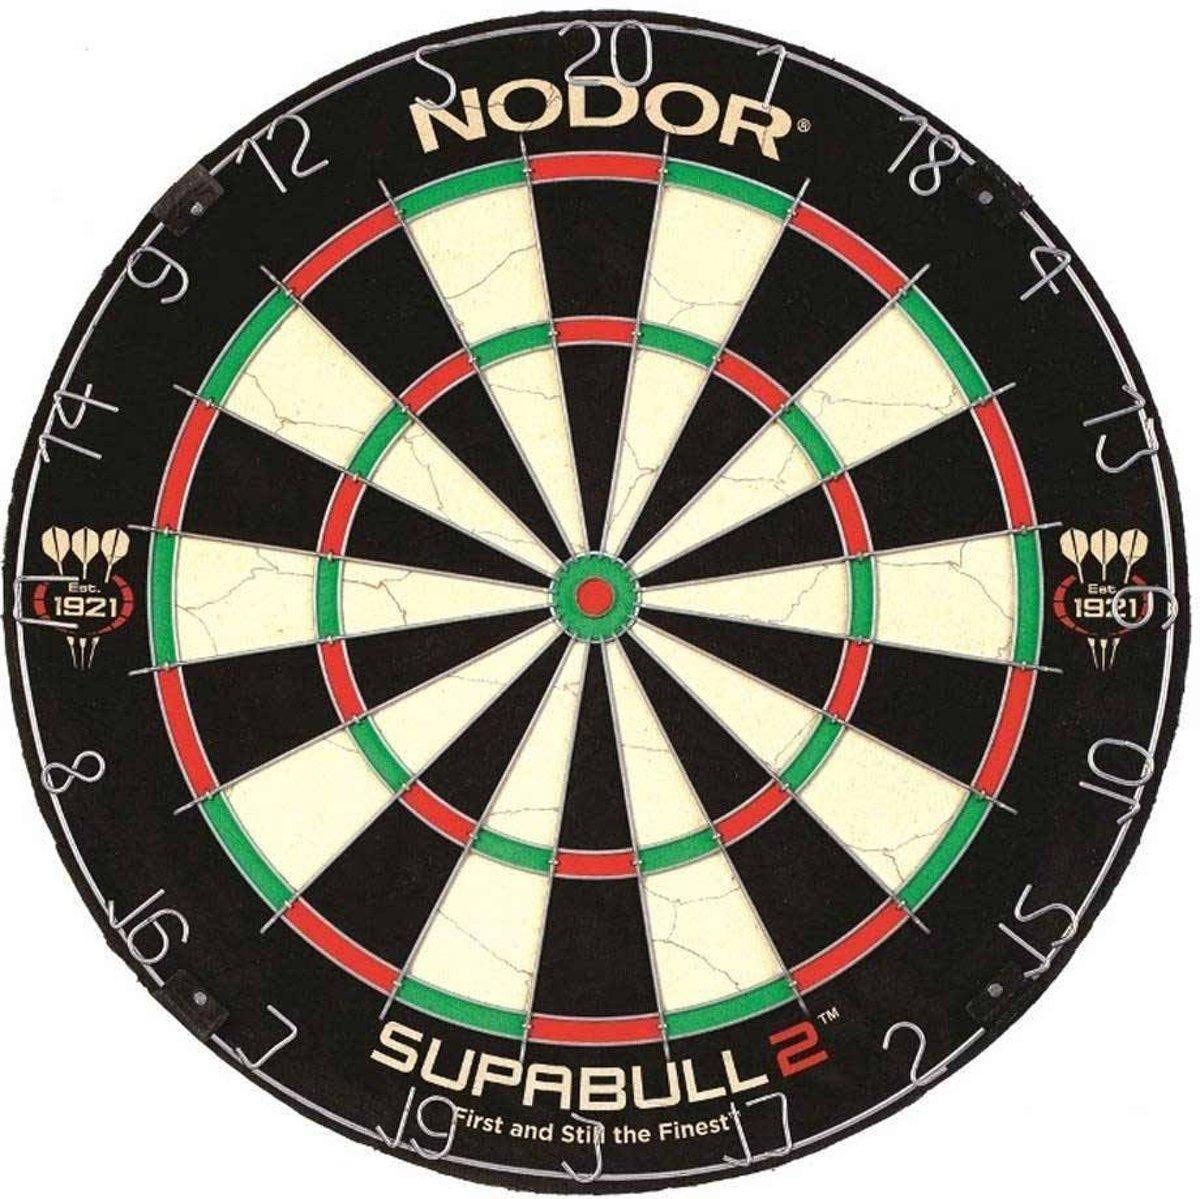 Nodor Supabull II Dartbord kopen